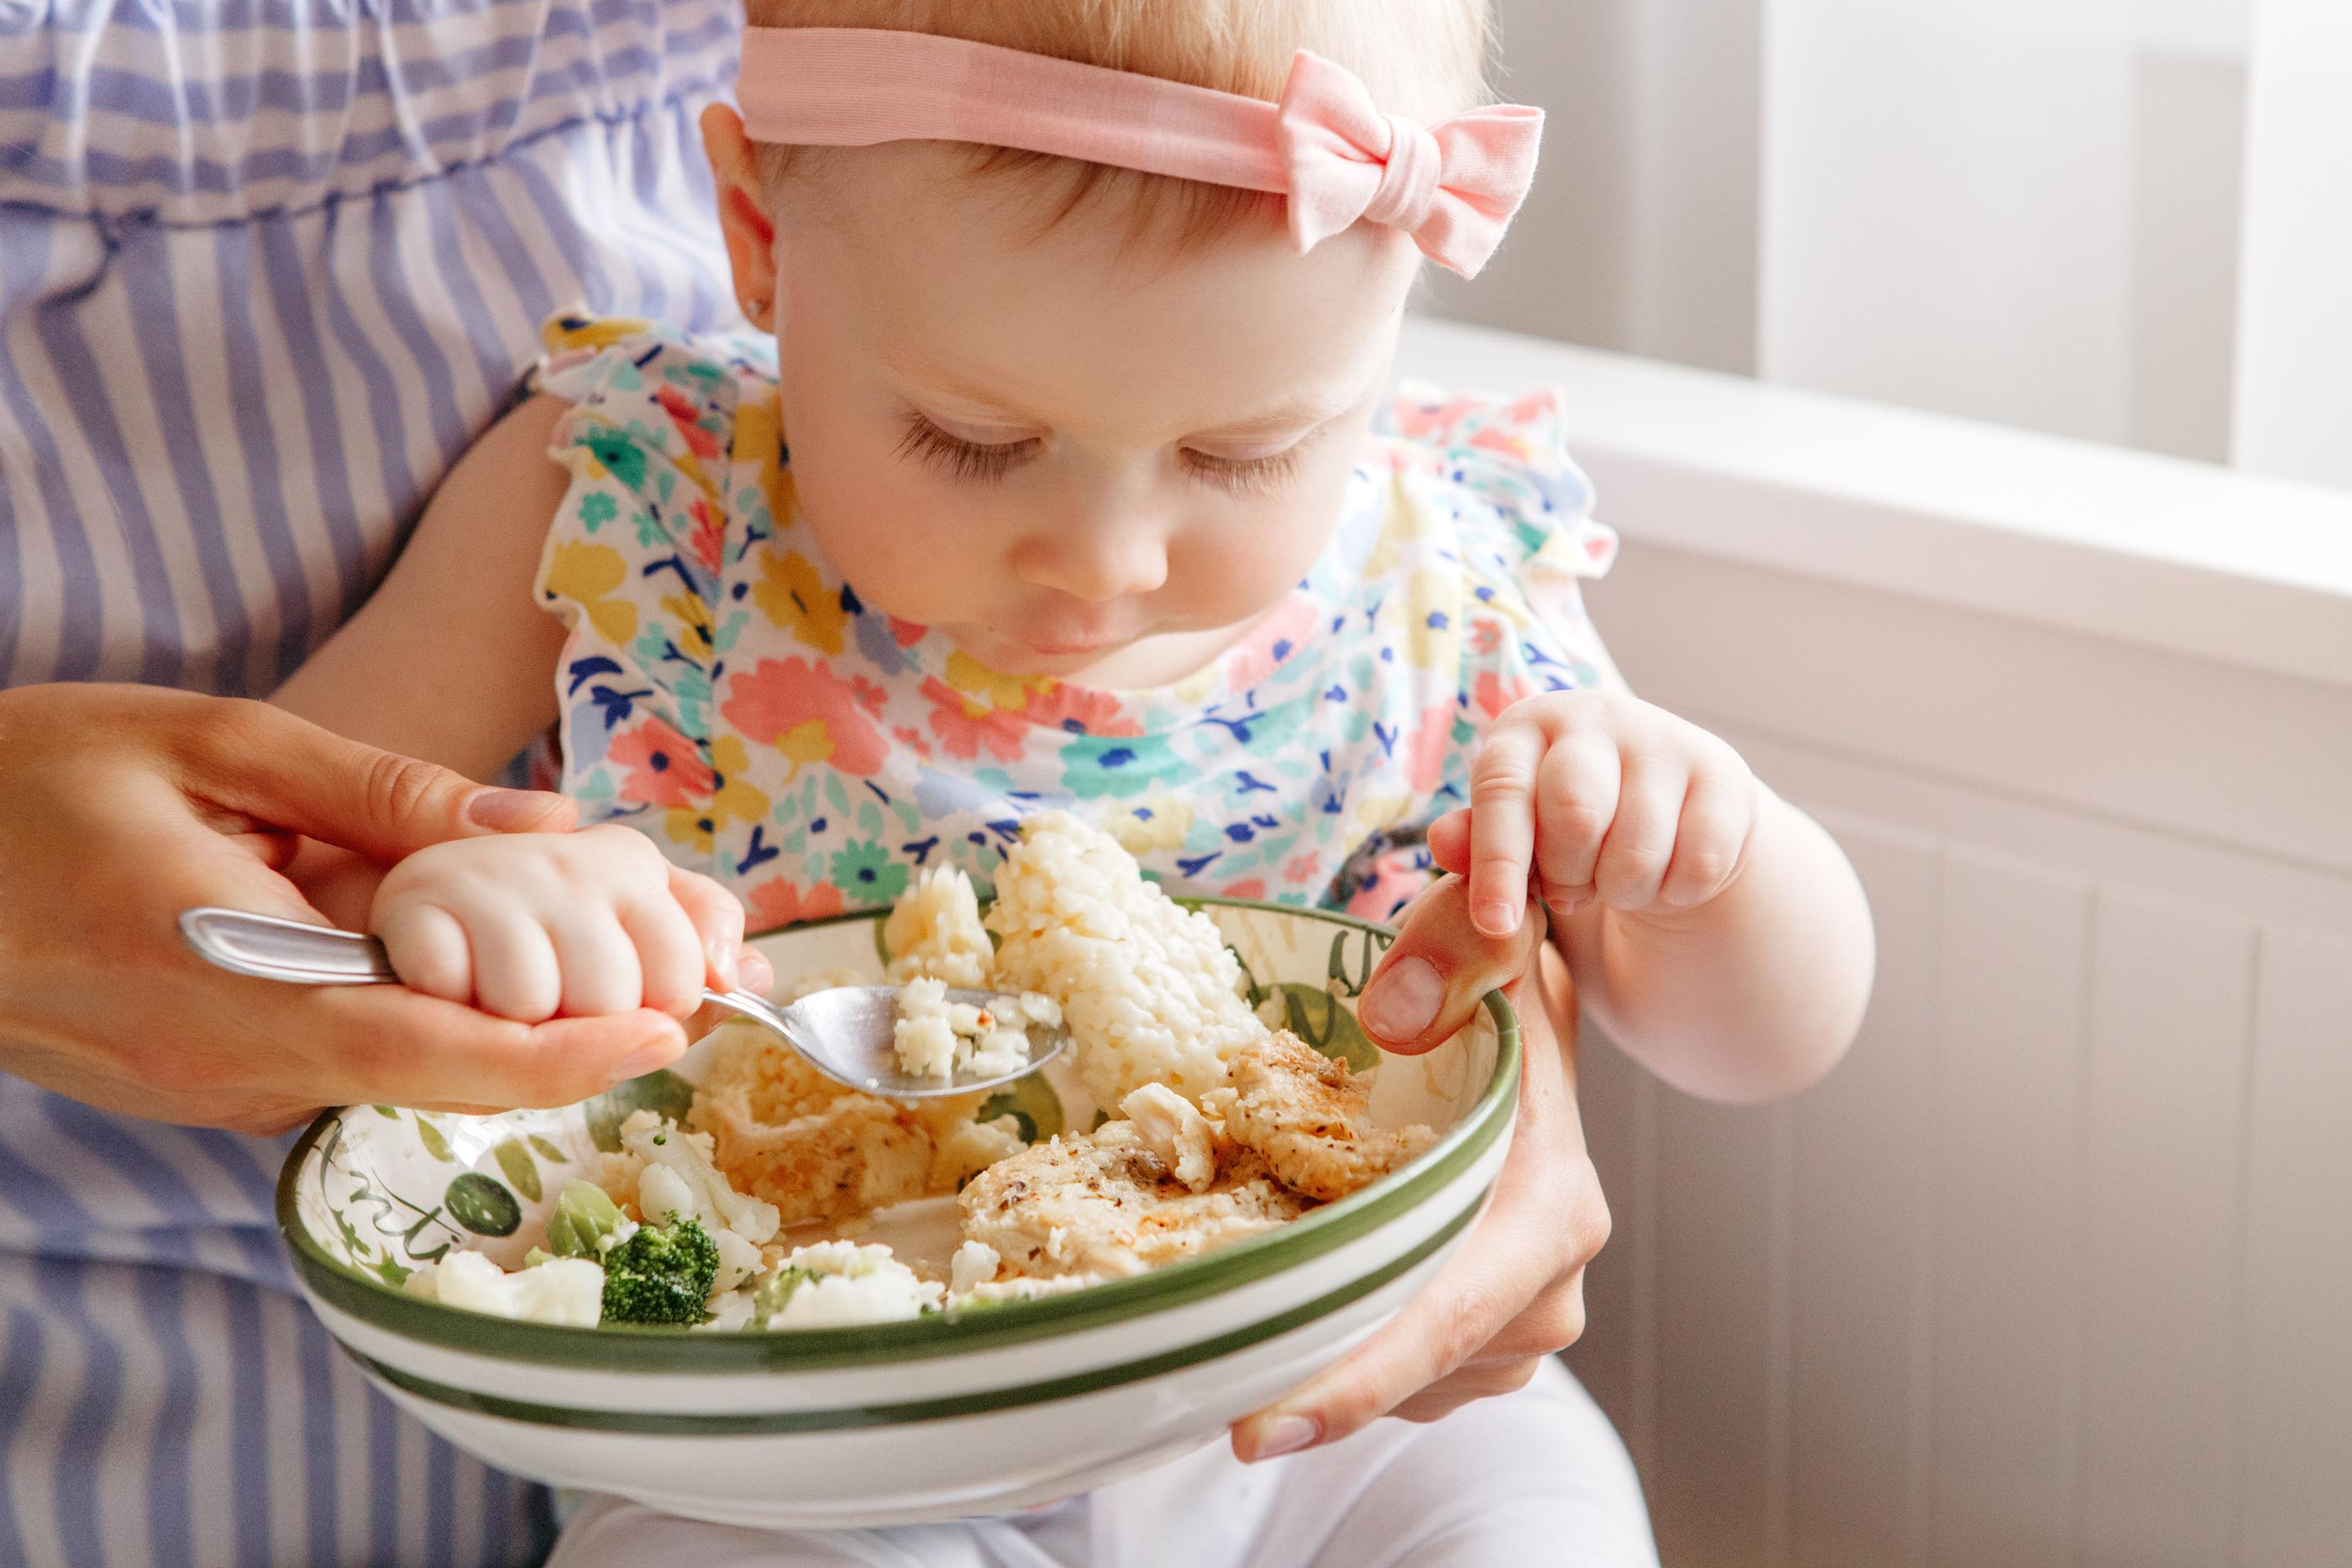 Dietas vegetarianas: Una opción nutritiva y saludable para los más pequeños